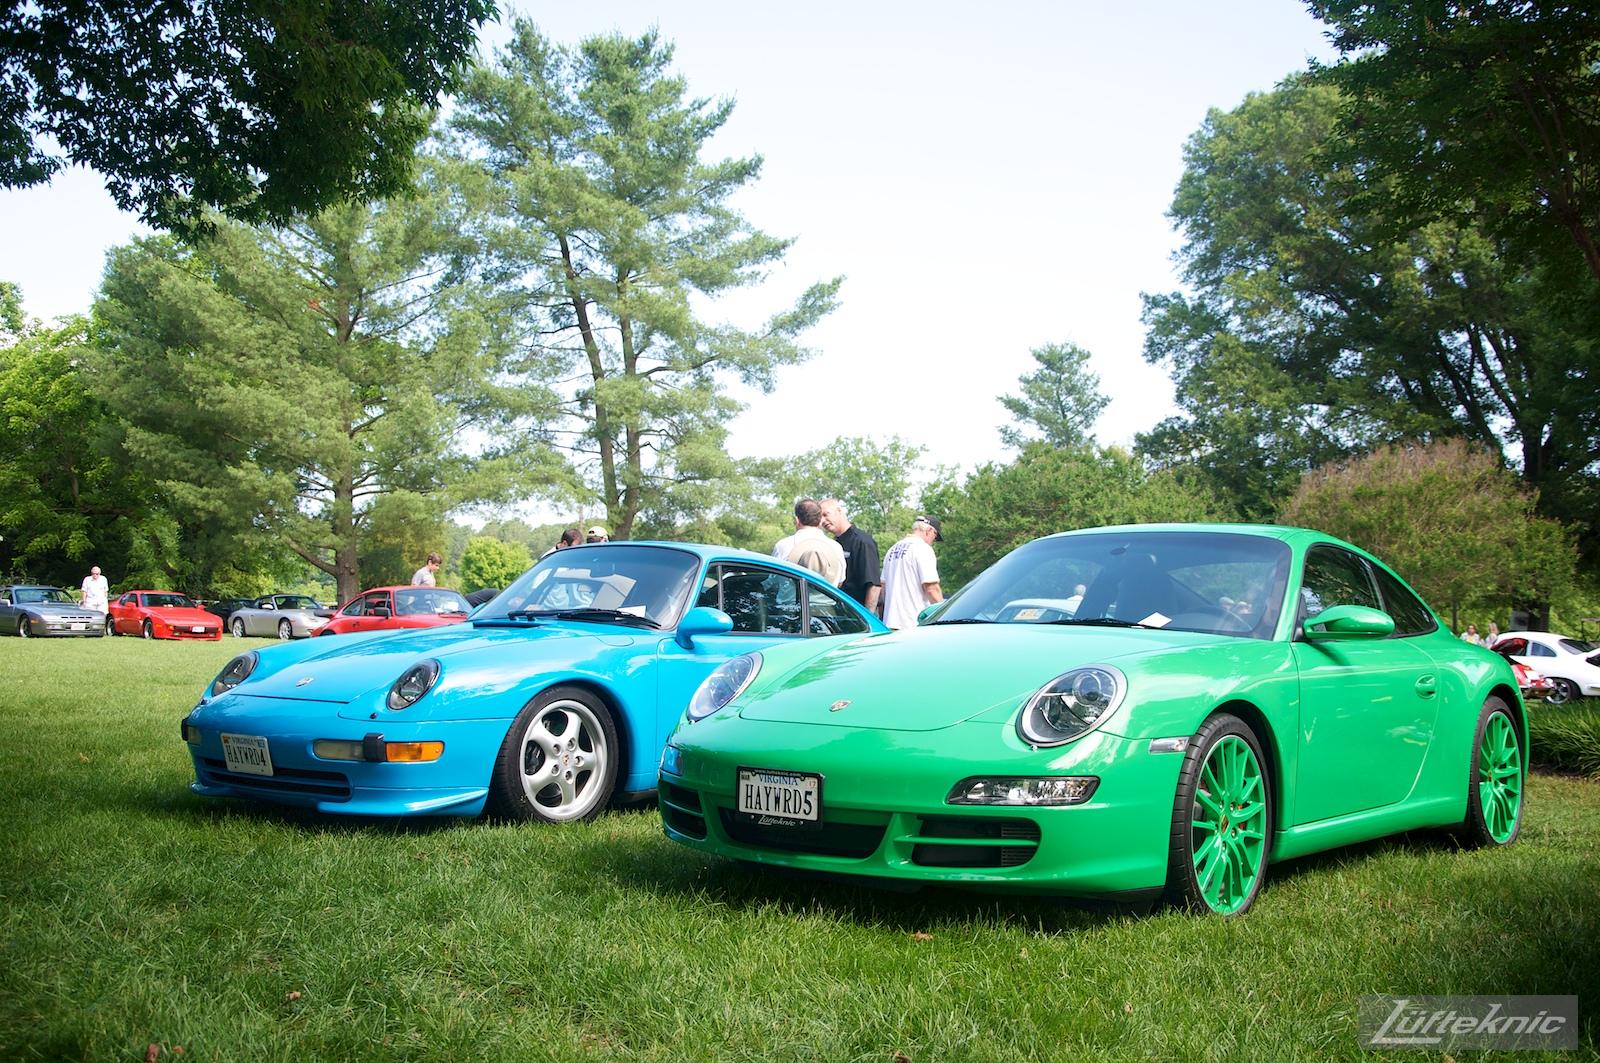 Riviera Blue 993 and Signal Green 997 Porsches at the Richmond Porsche Meet.